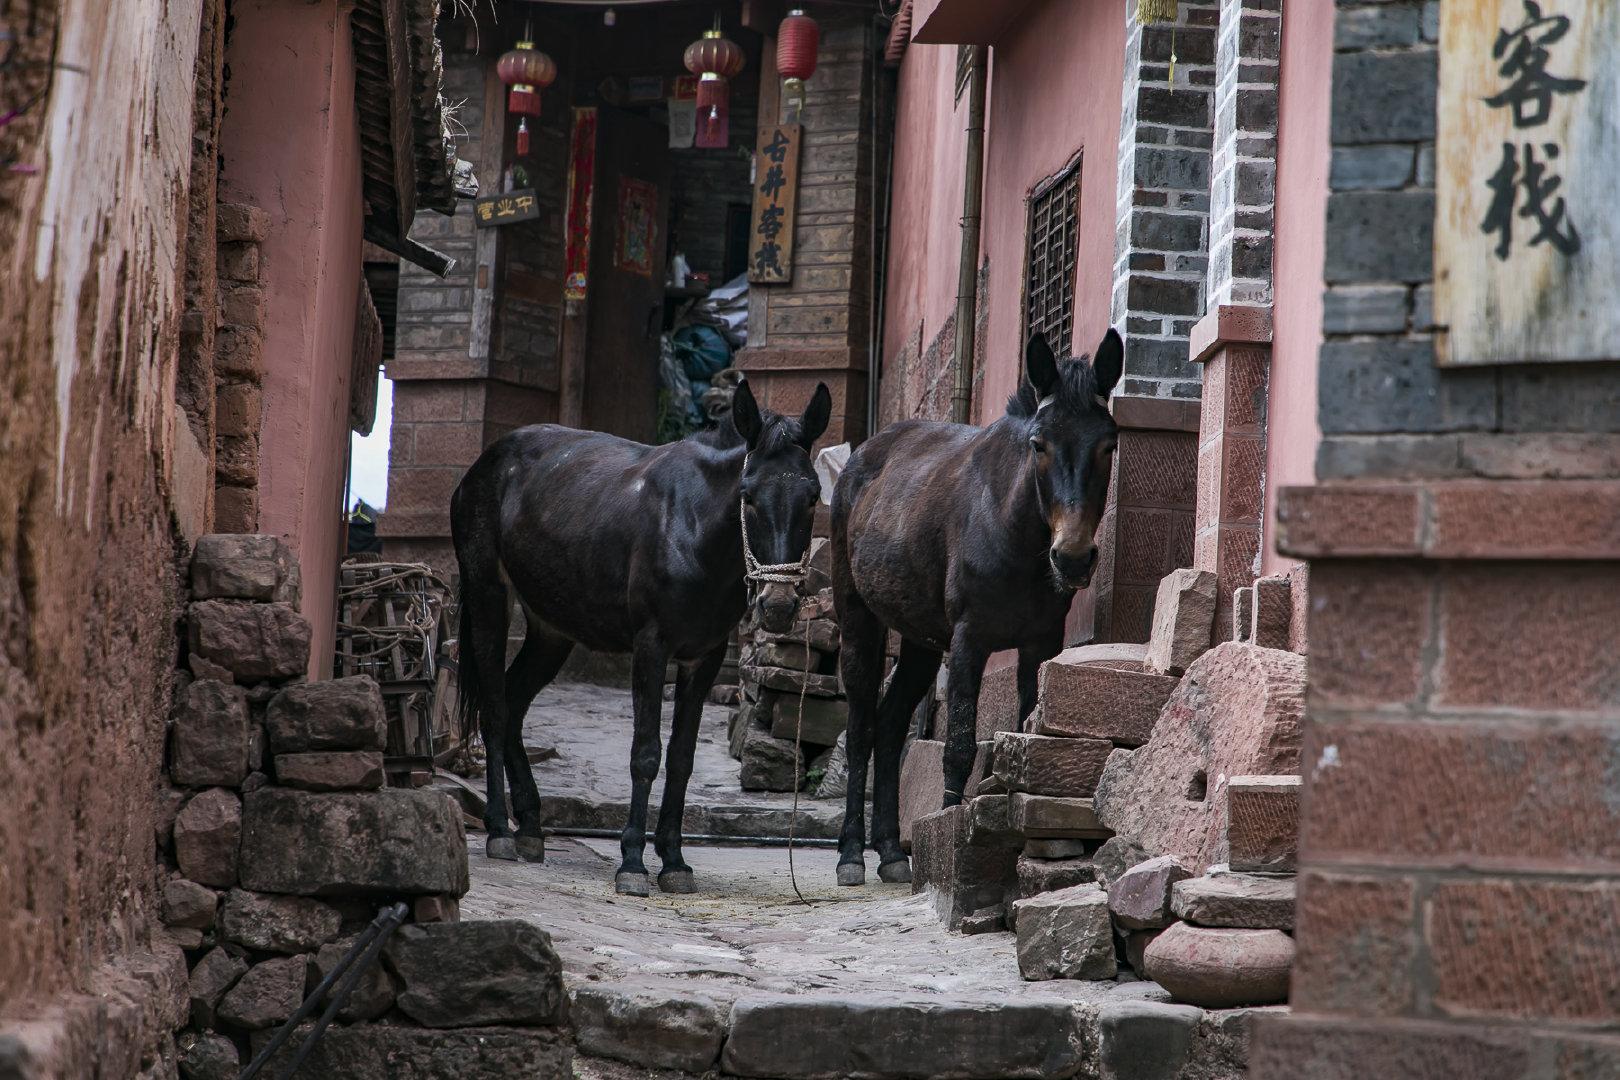 云南最新鲜的白族村村儿子村,凹隐蔽仟年盛产井盐,因火腿好吃名音远播